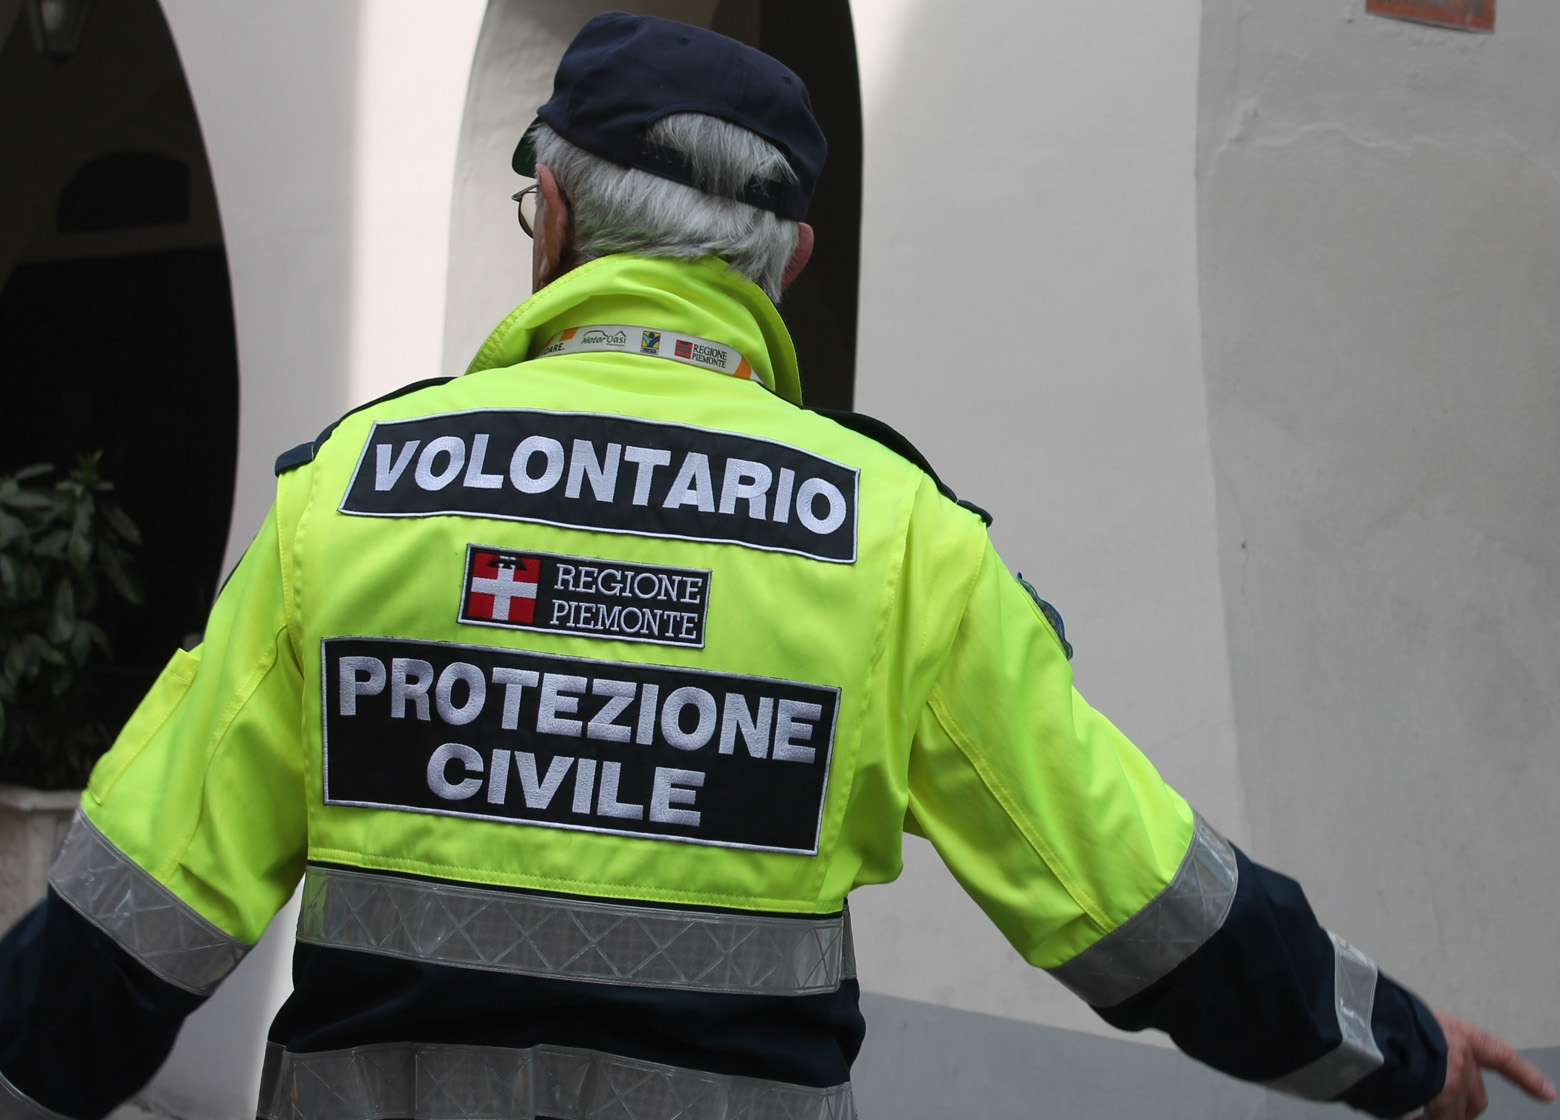 MONTANARO - Cercasi «Nonno Vigile» per la sicurezza alle scuole